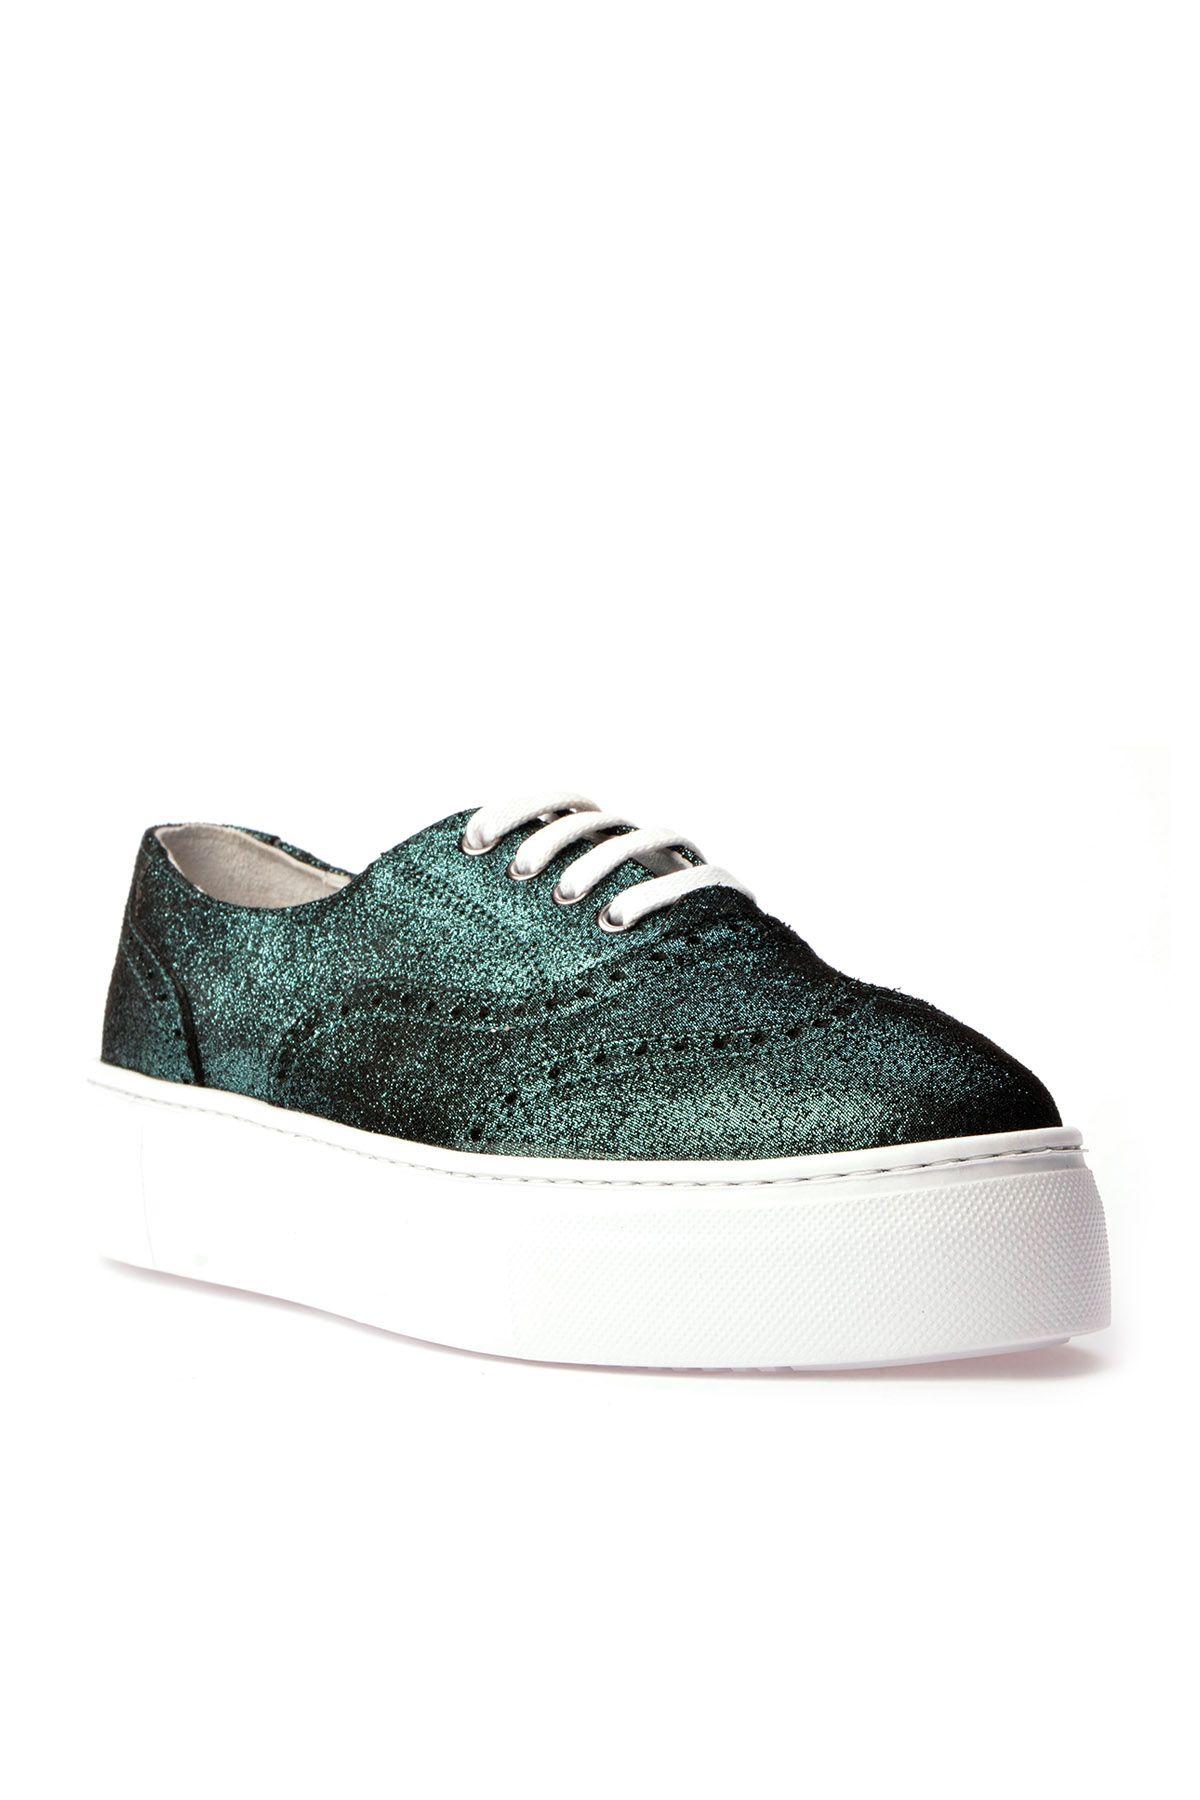 Pegia Chatalet Hakiki Deri Bayan Oxford Ayakkabı REC-014 Yeşil